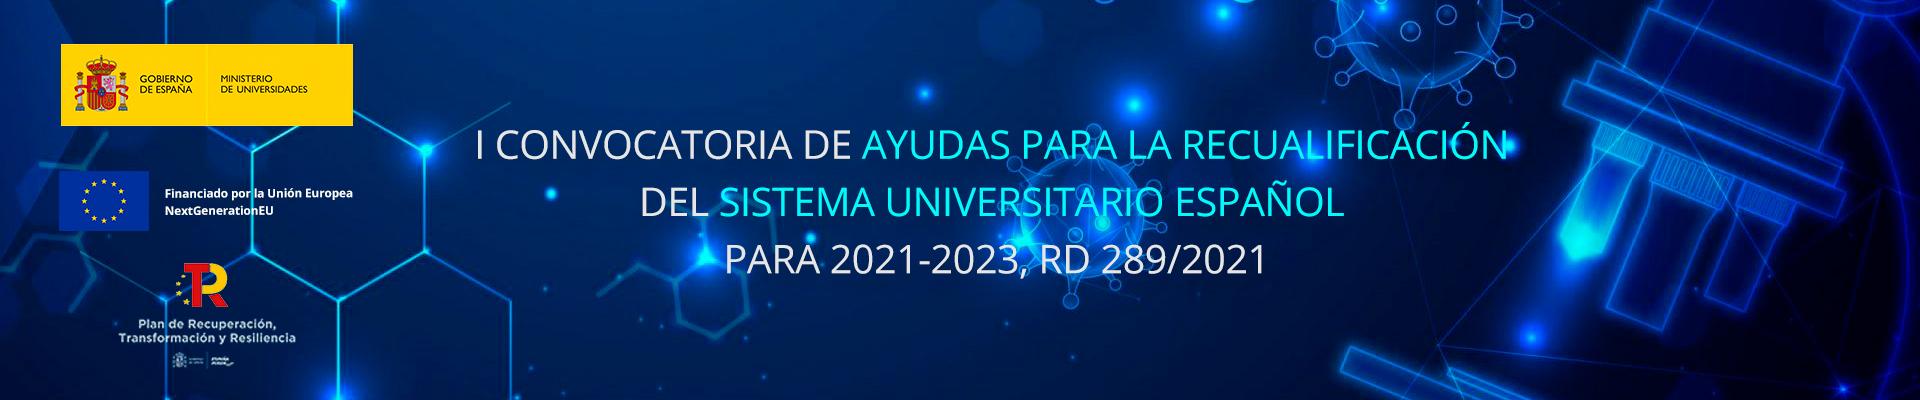 I Convocatoria de Ayudas para la Recualificación del sistema universitario español para 2021-2023, RD 289/2021